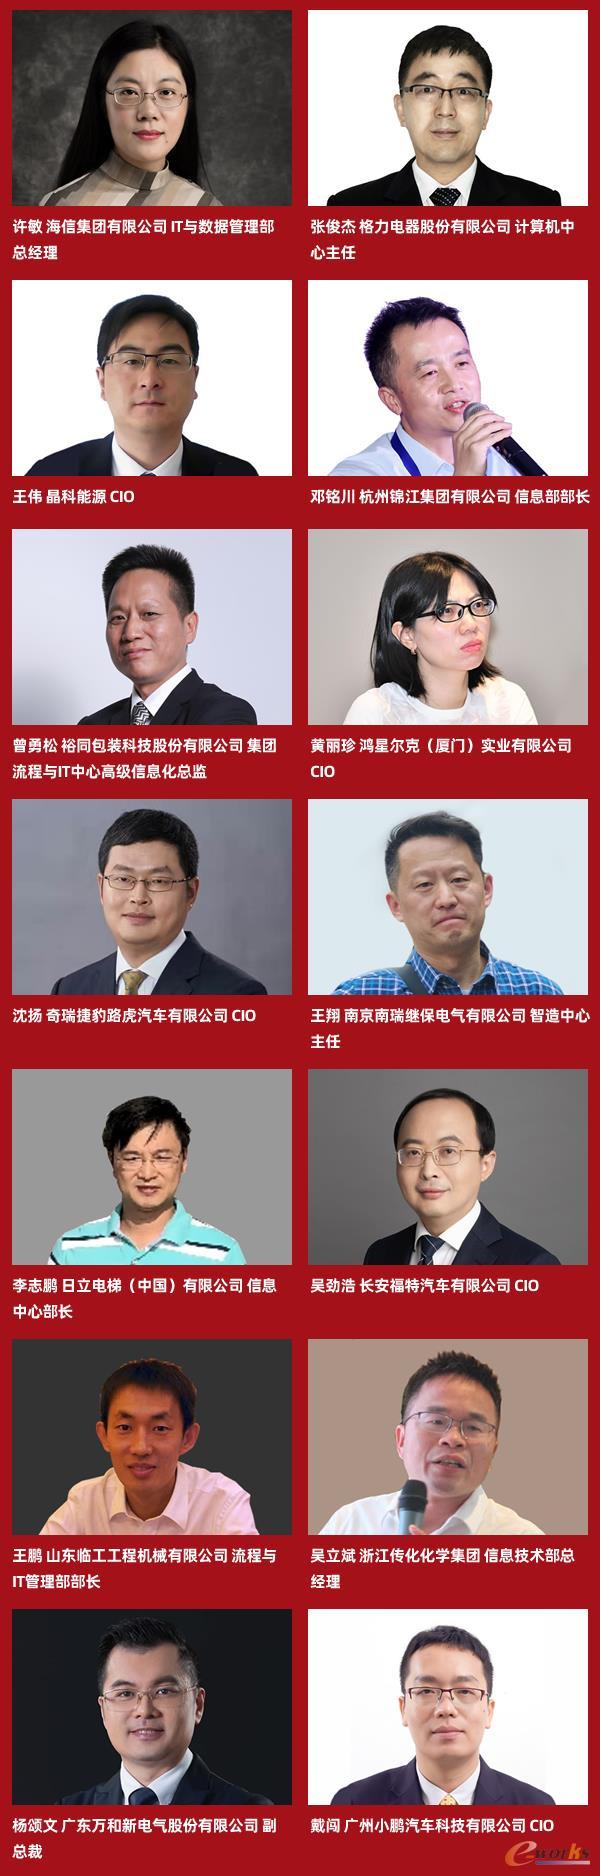 2019年度中国制造业卓越CIO